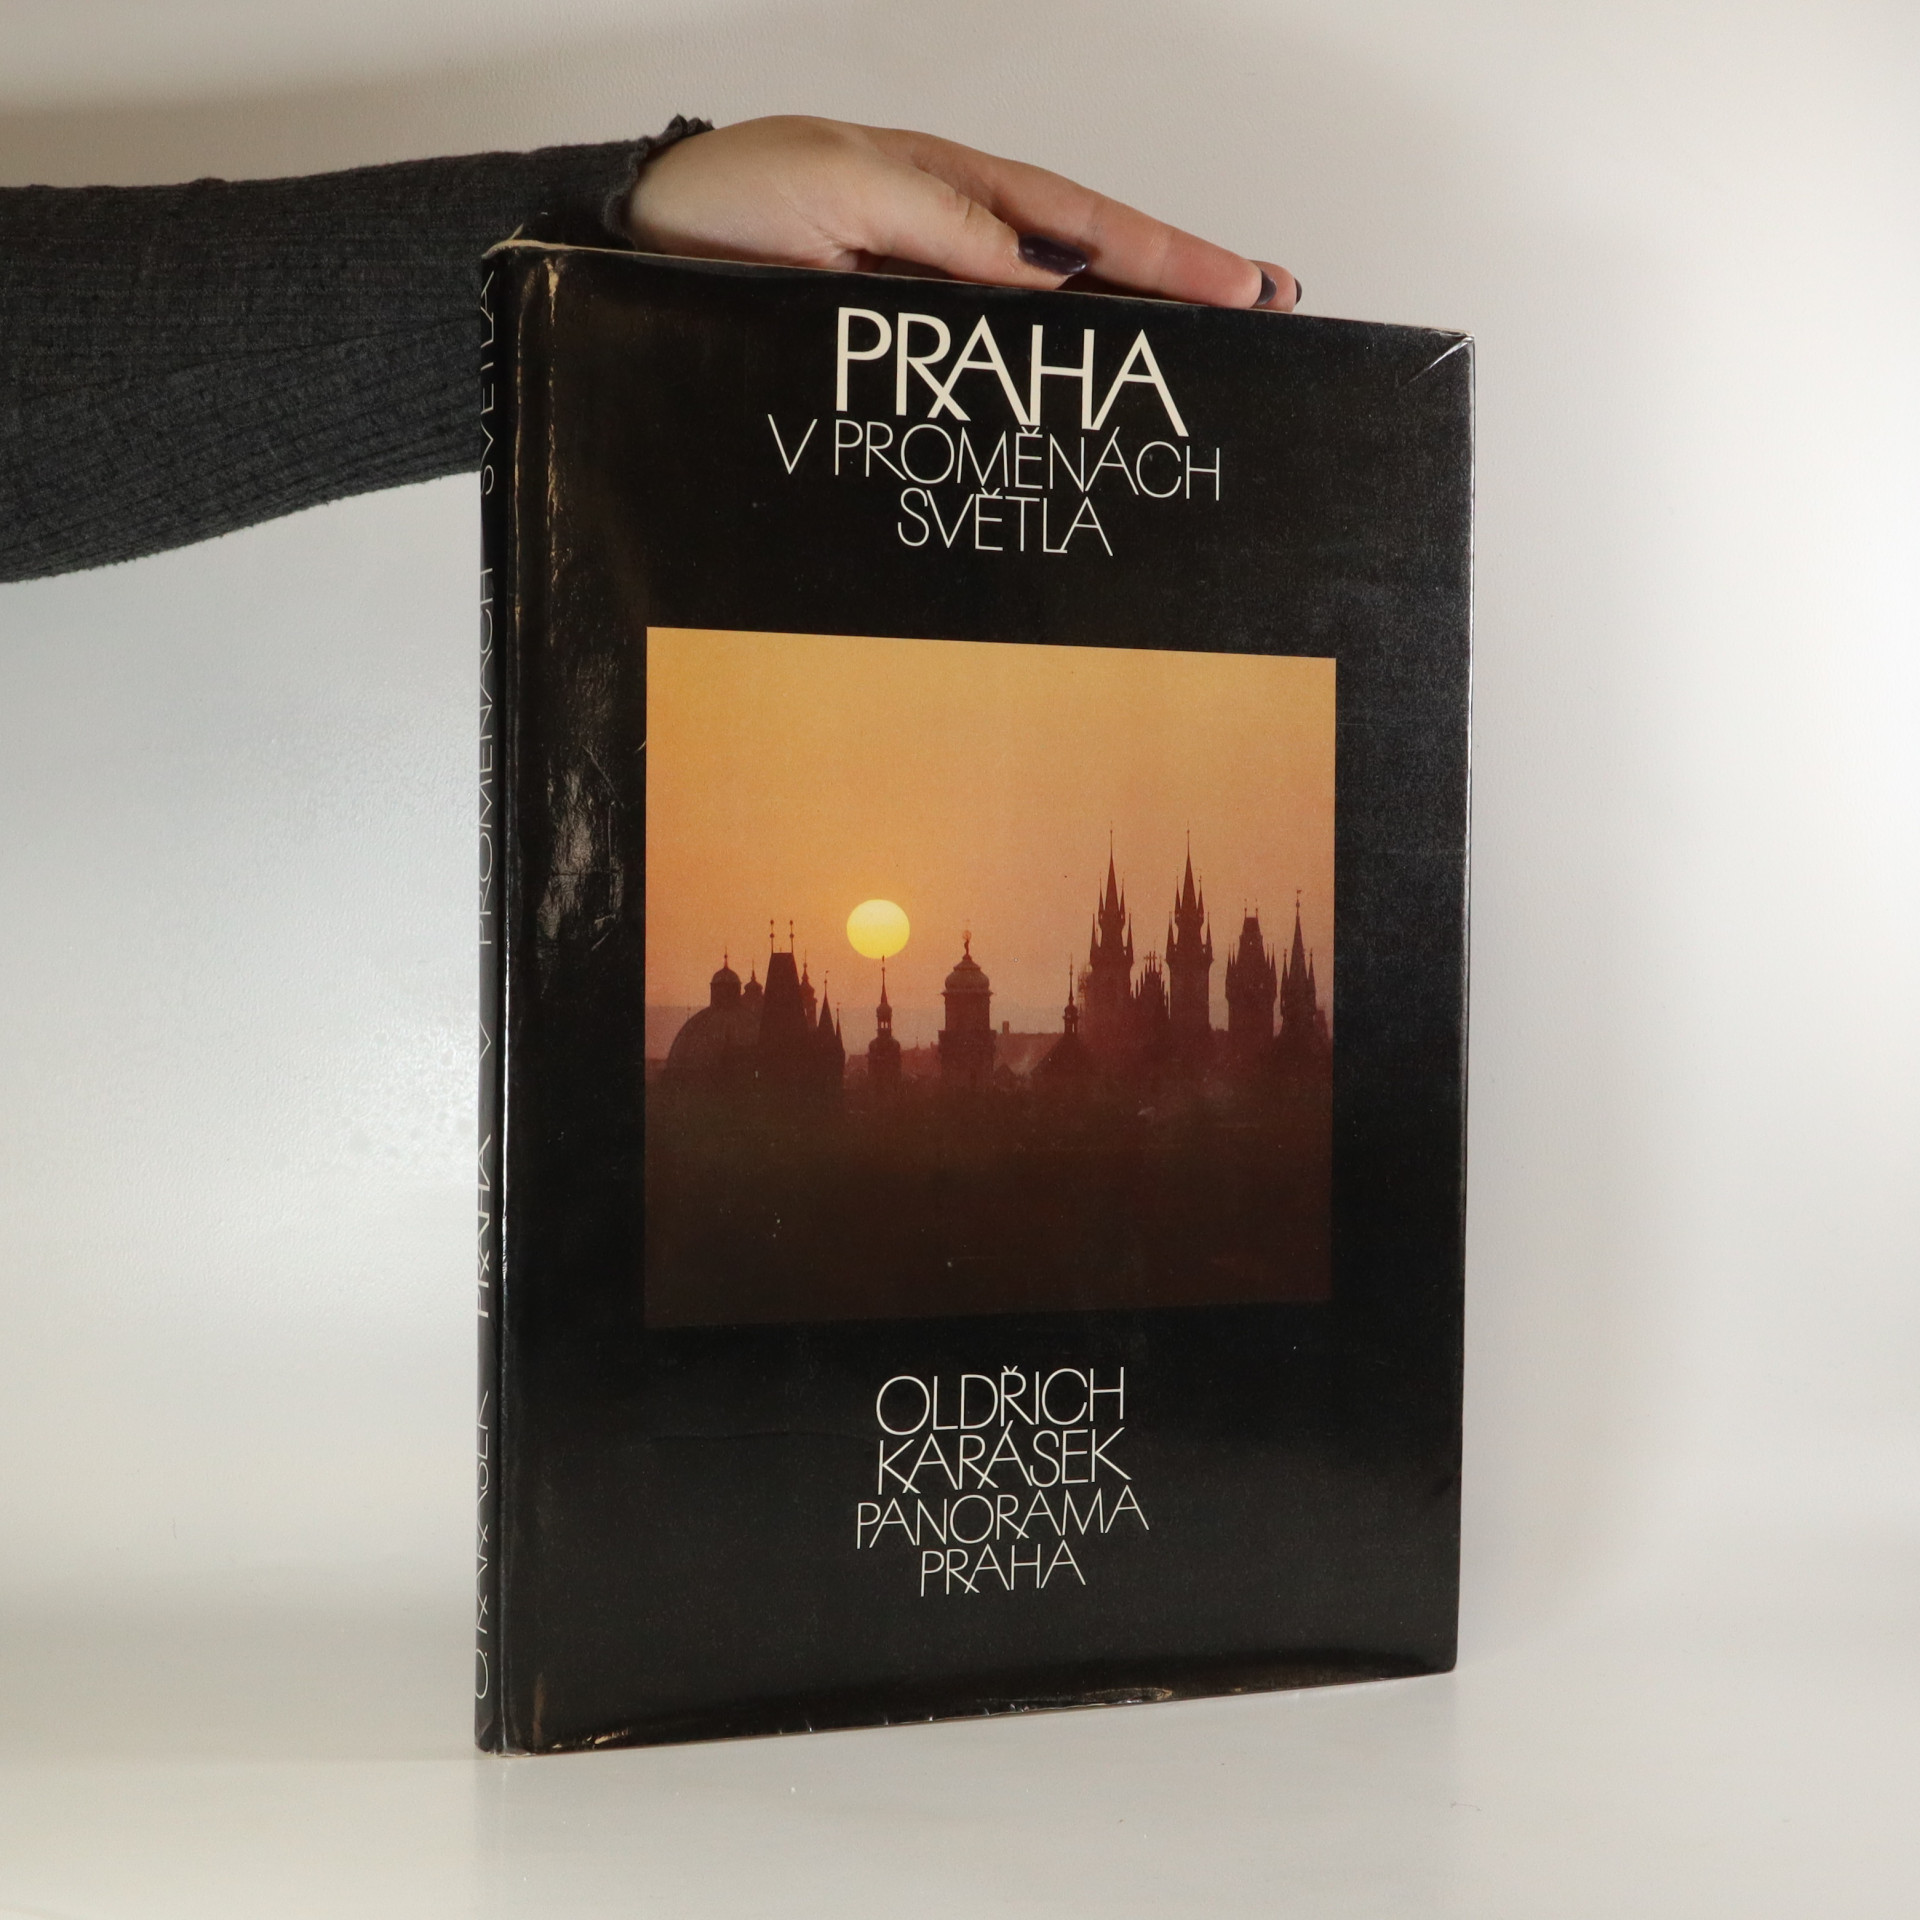 antikvární kniha Praha v proměnách světla, 1984